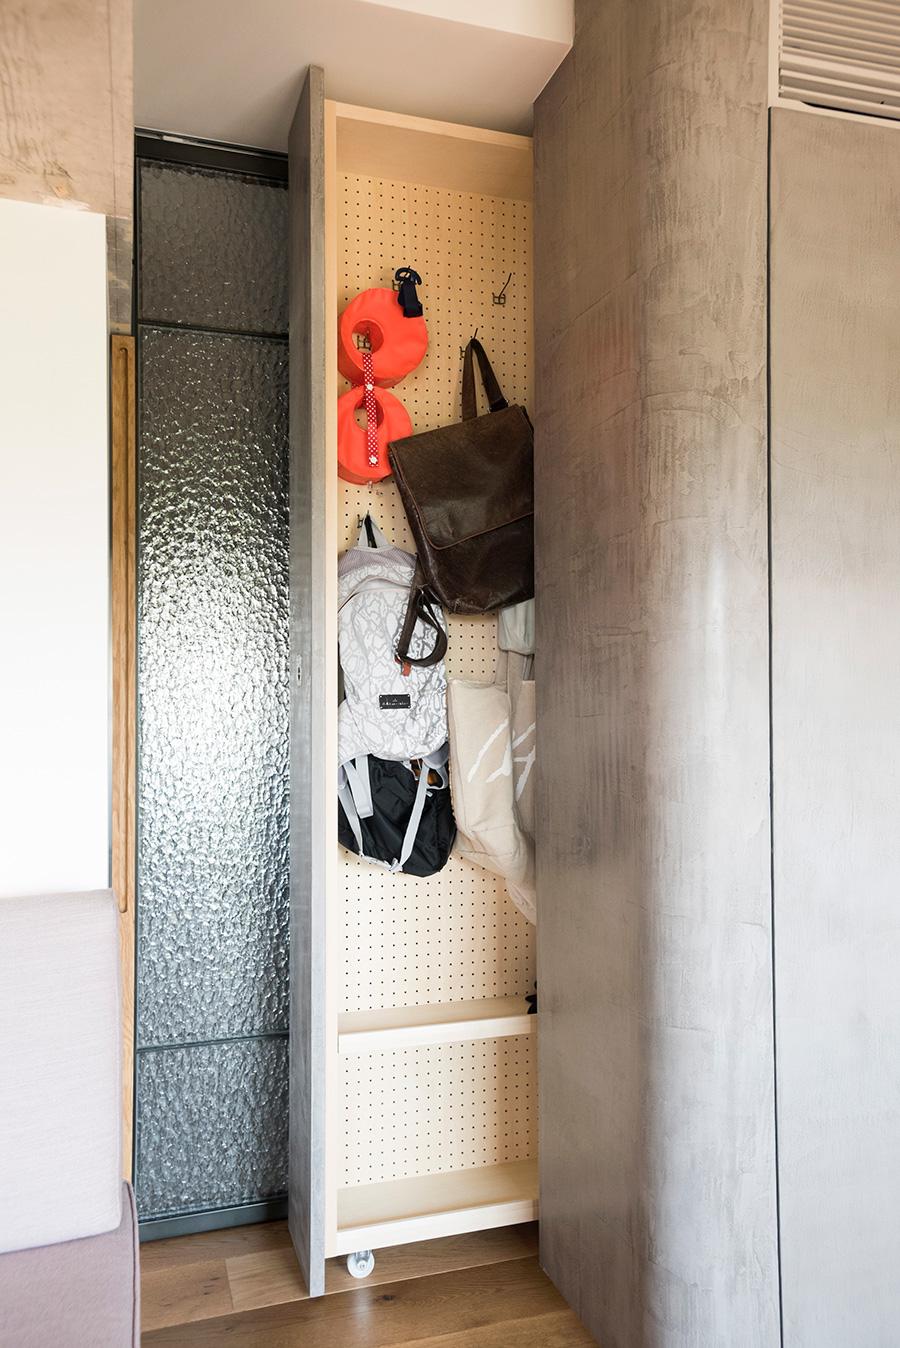 収納しにくいバッグ類を、かけて保管できるよう作ってもらった引出し式のクローゼット。